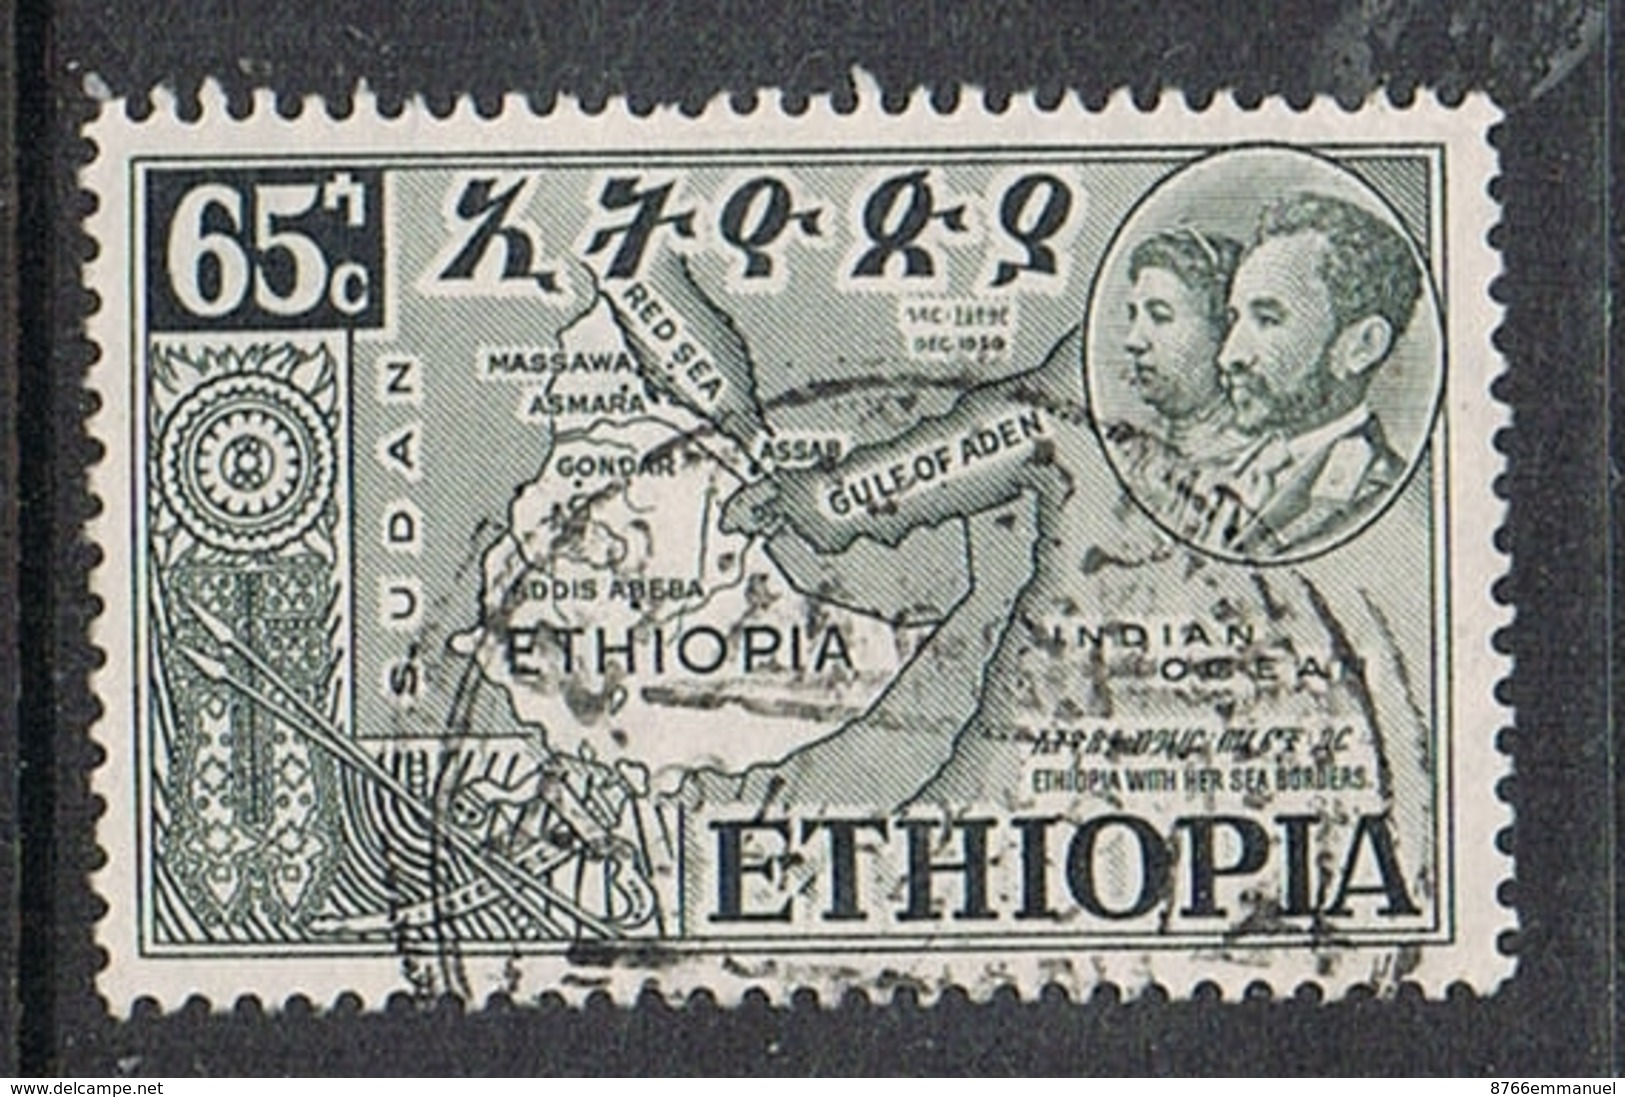 ETHIOPIE N°319 - Ethiopie